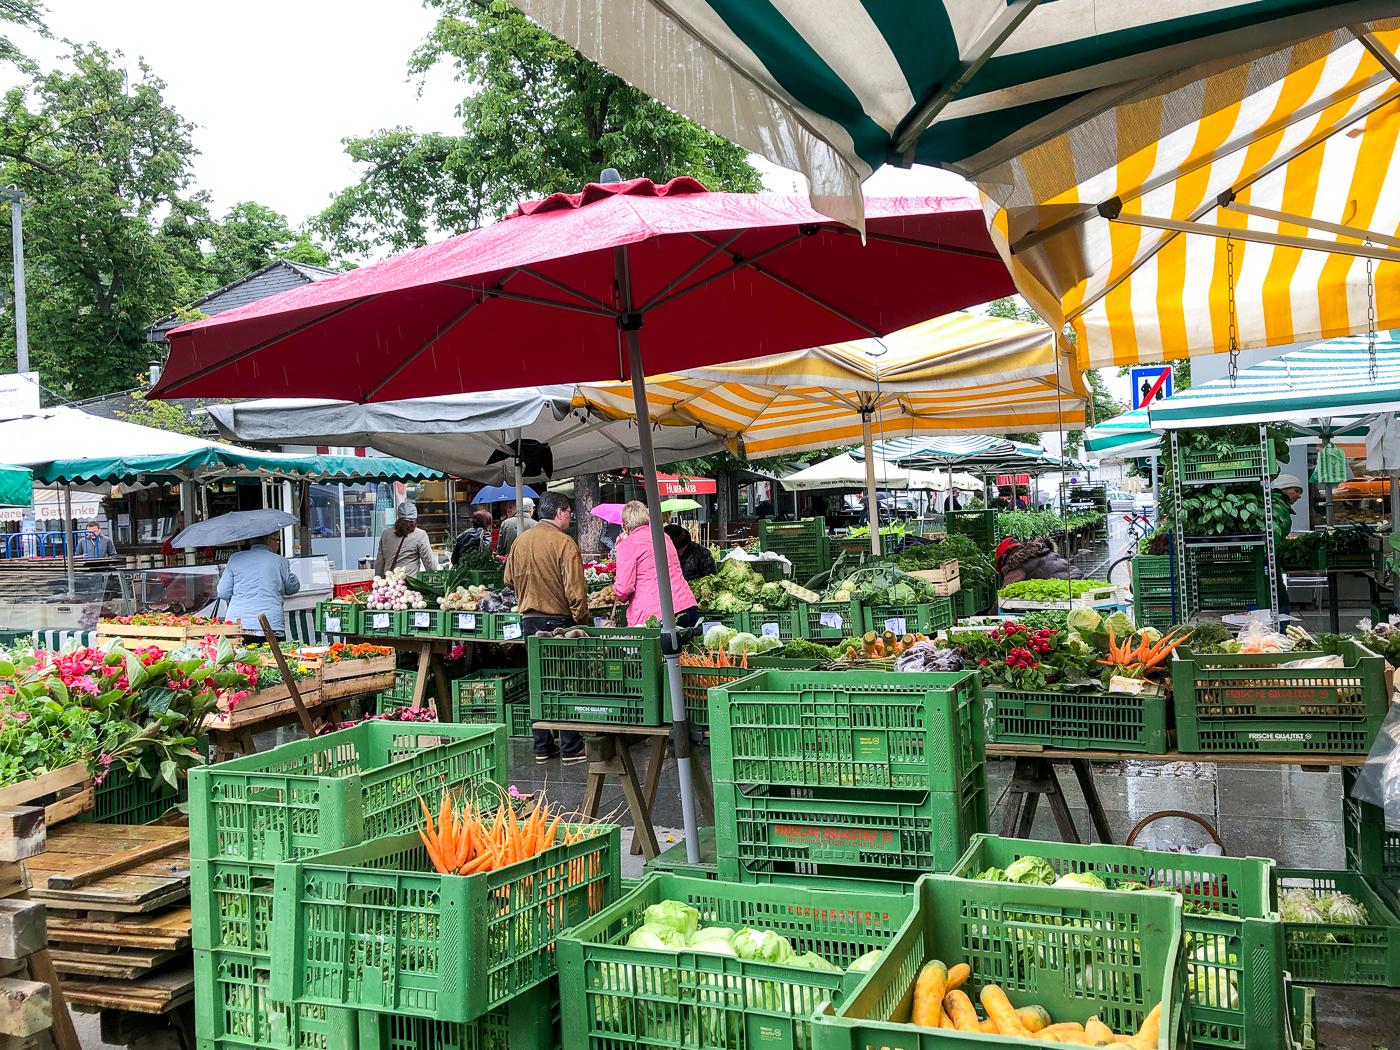 Étals du marché Kaiser-Josef-Platz dans Lend, le quartier cool de Graz